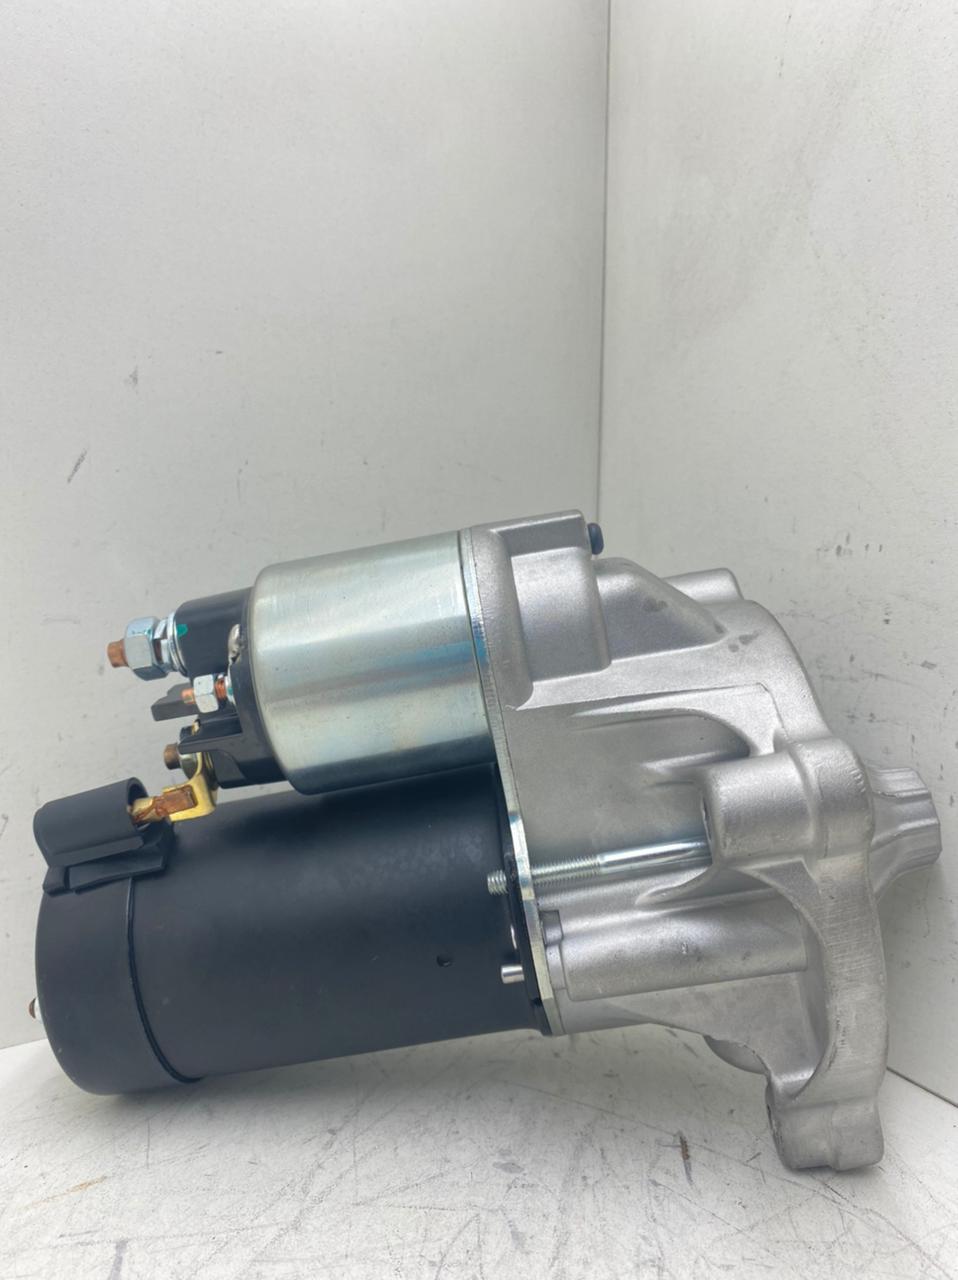 Motor de Partida Arranque CITROEN C4 C3 1.0 1.4 1.6 BERLINGO XSARA PICASSO PEUGEOT 106 206 207 307 12V 9 DENTES D6RA661 432636 17701N E 20512 D 20178 SL S0208 AEC11042